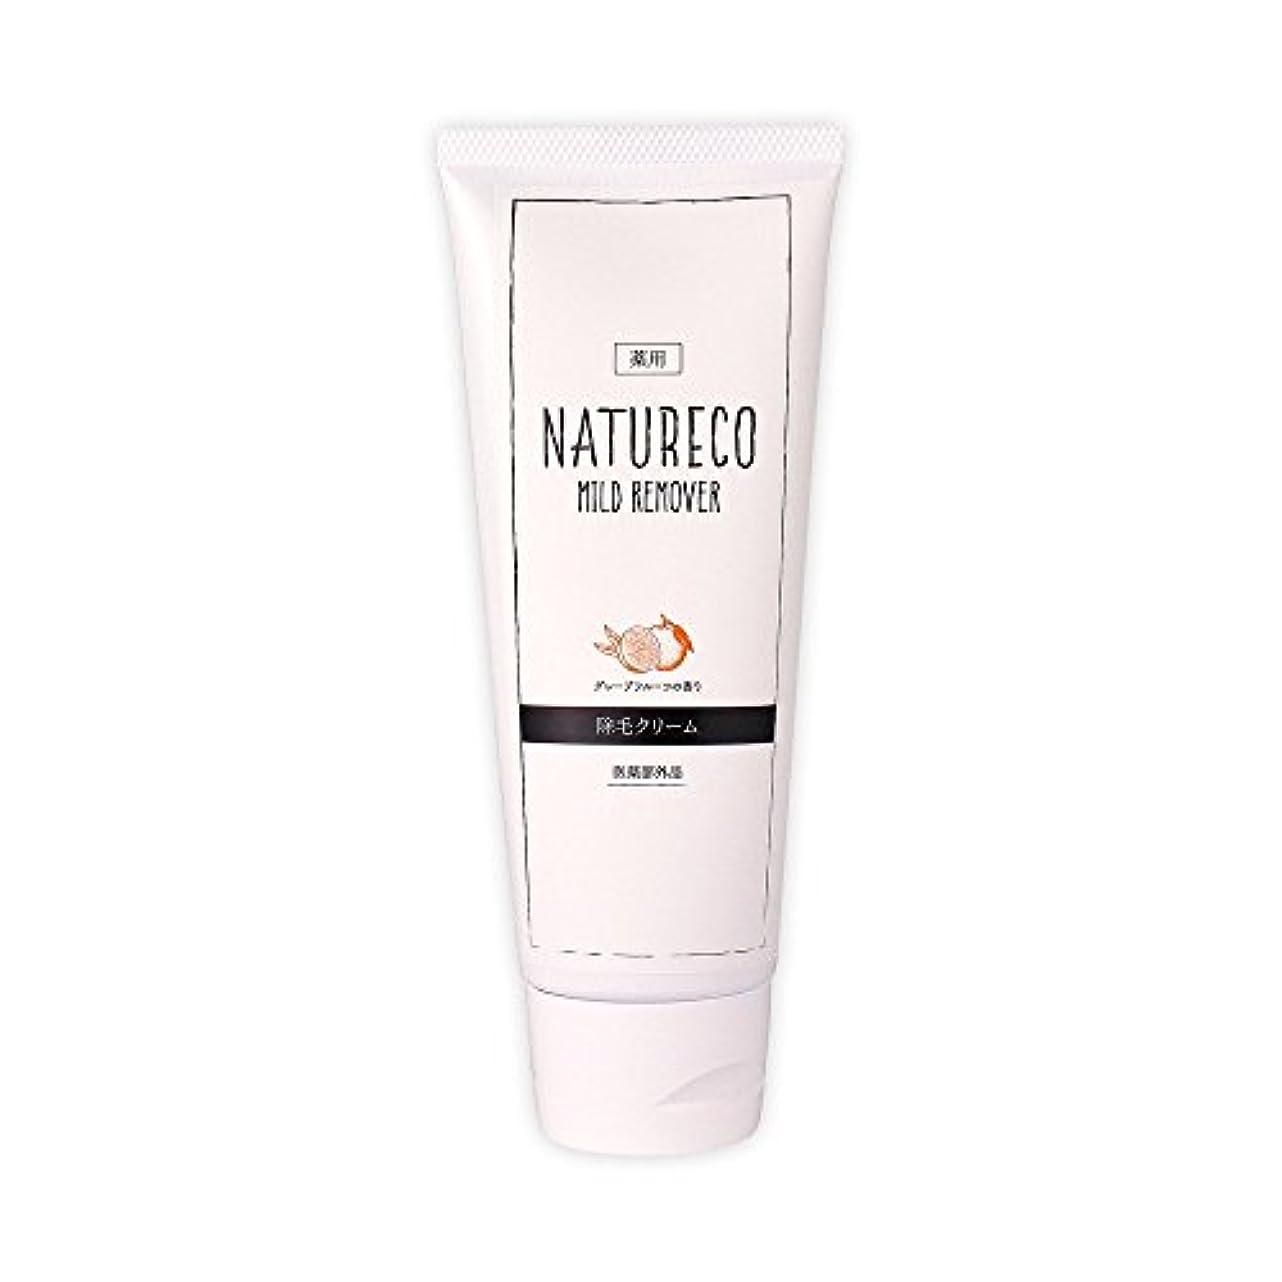 廃棄事前湿気の多いナチュレコ 除毛クリーム 薬用 120g<さわやかな香り> 脱毛クリーム 肌に優しい除毛クリーム 肌荒れしにくい成分配合 薬用マイルドリムーバー NATURECO